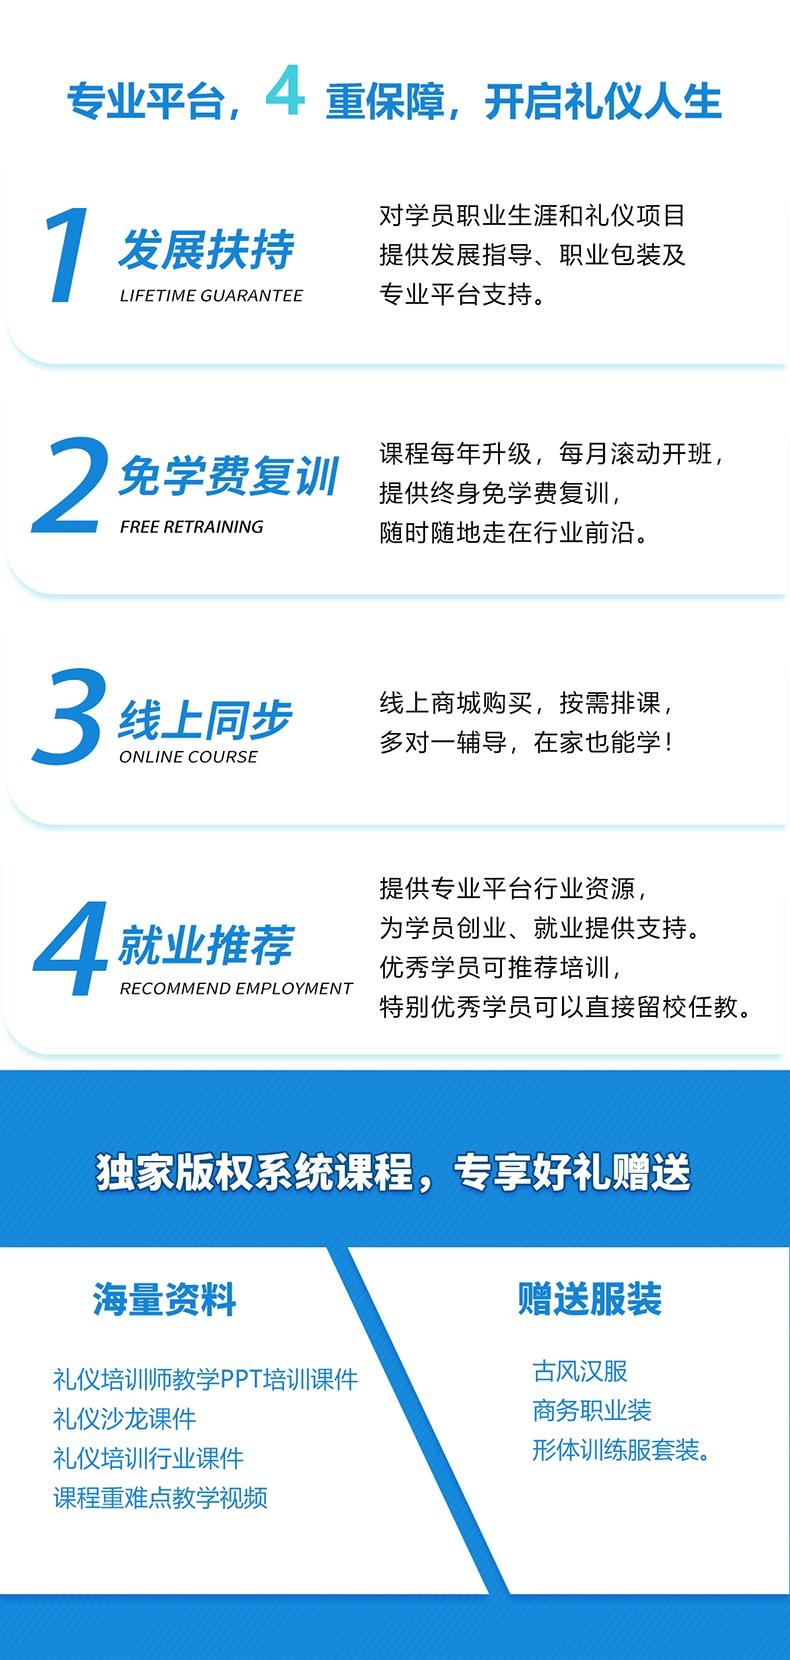 7修齐礼仪礼仪培训师职业能力成长系统